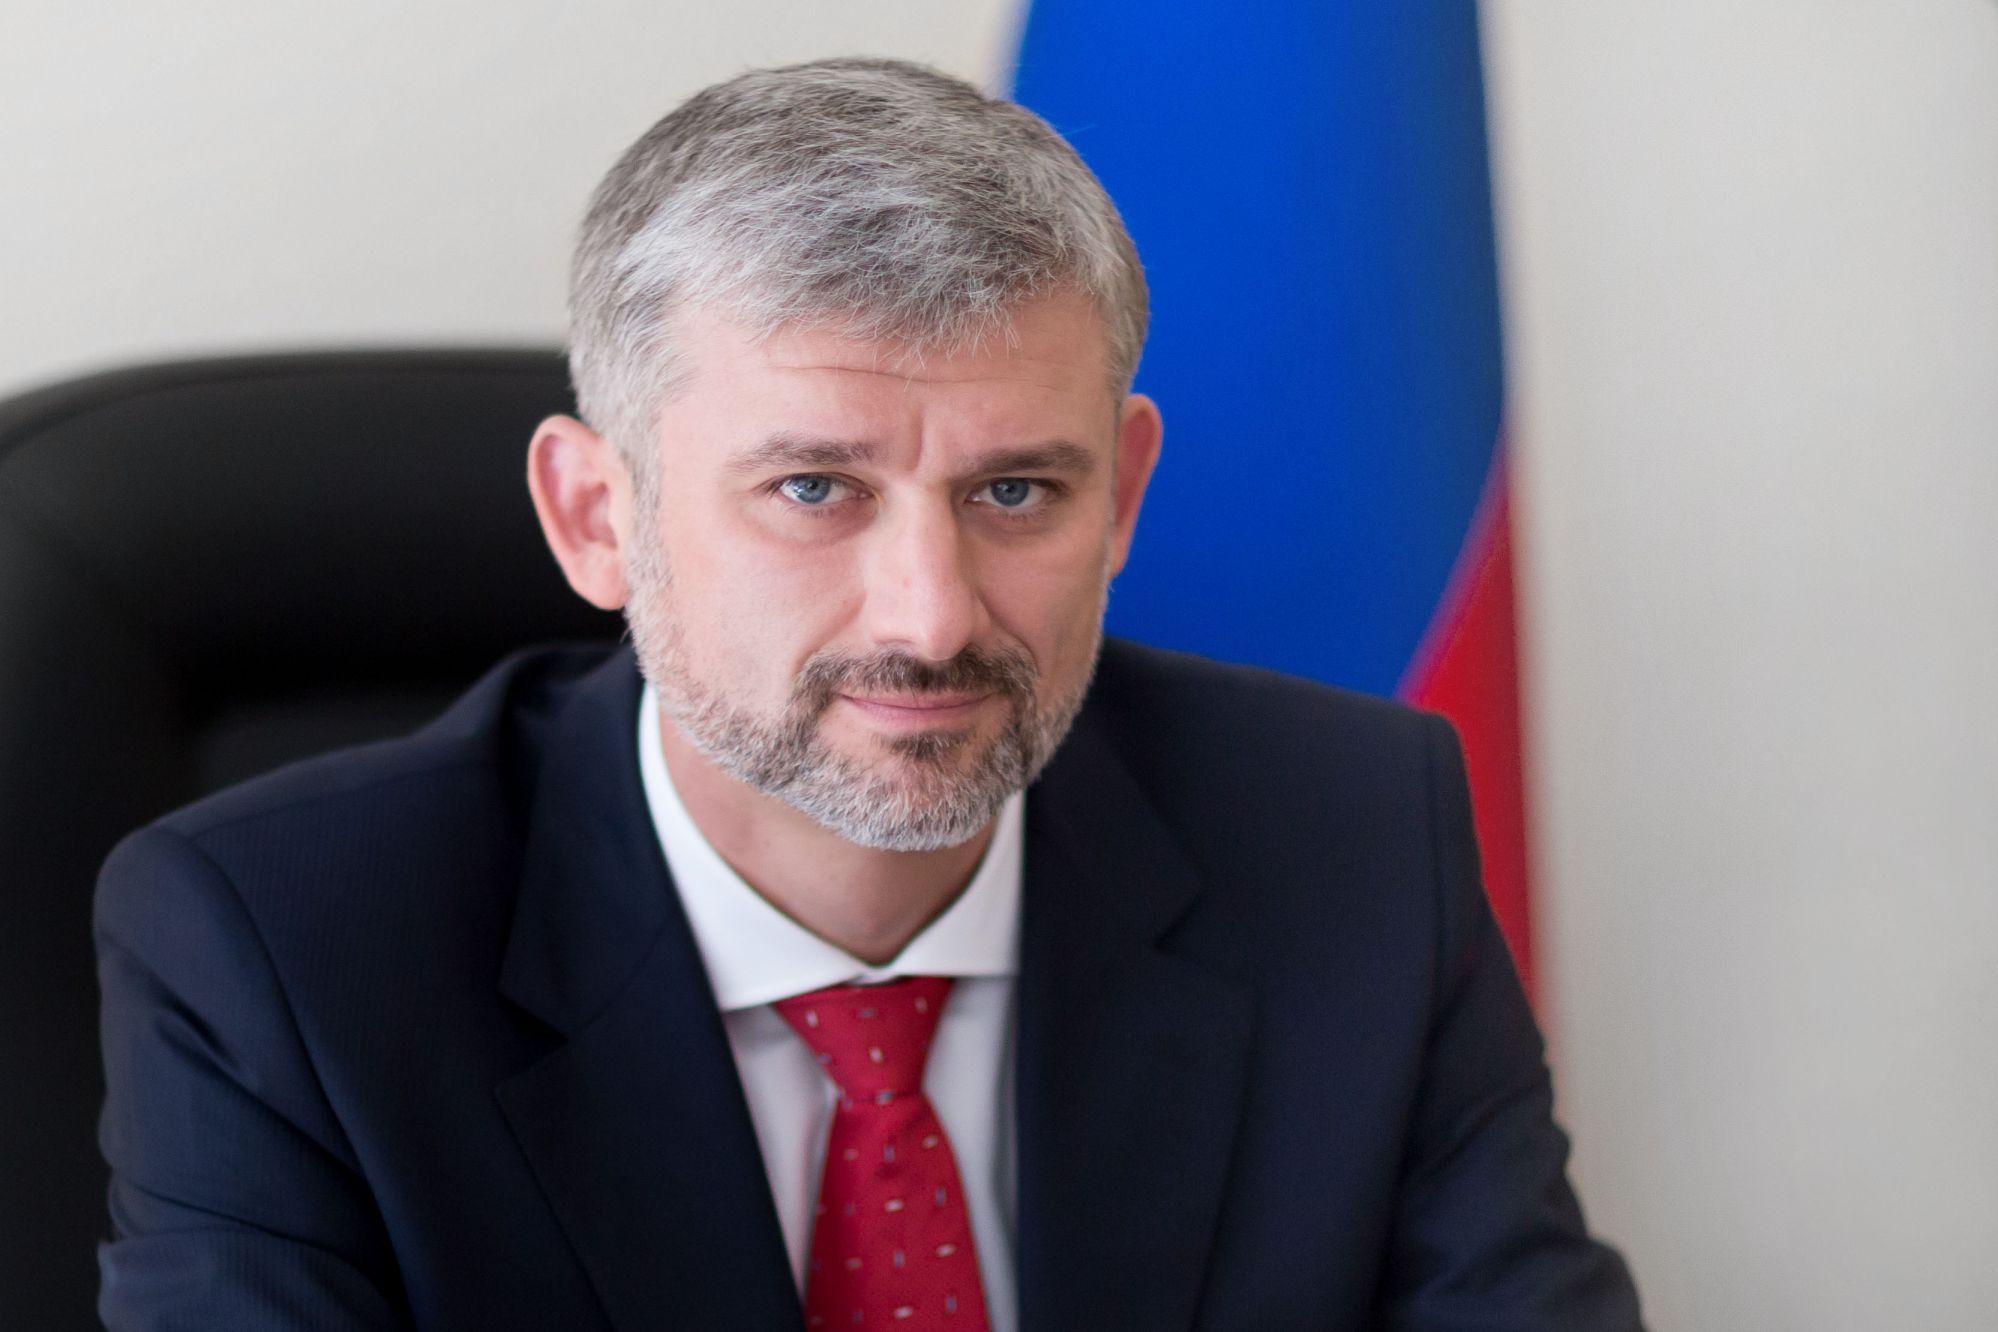 Экс-глава Минтранса отказался от должности губернатора Белгородской области